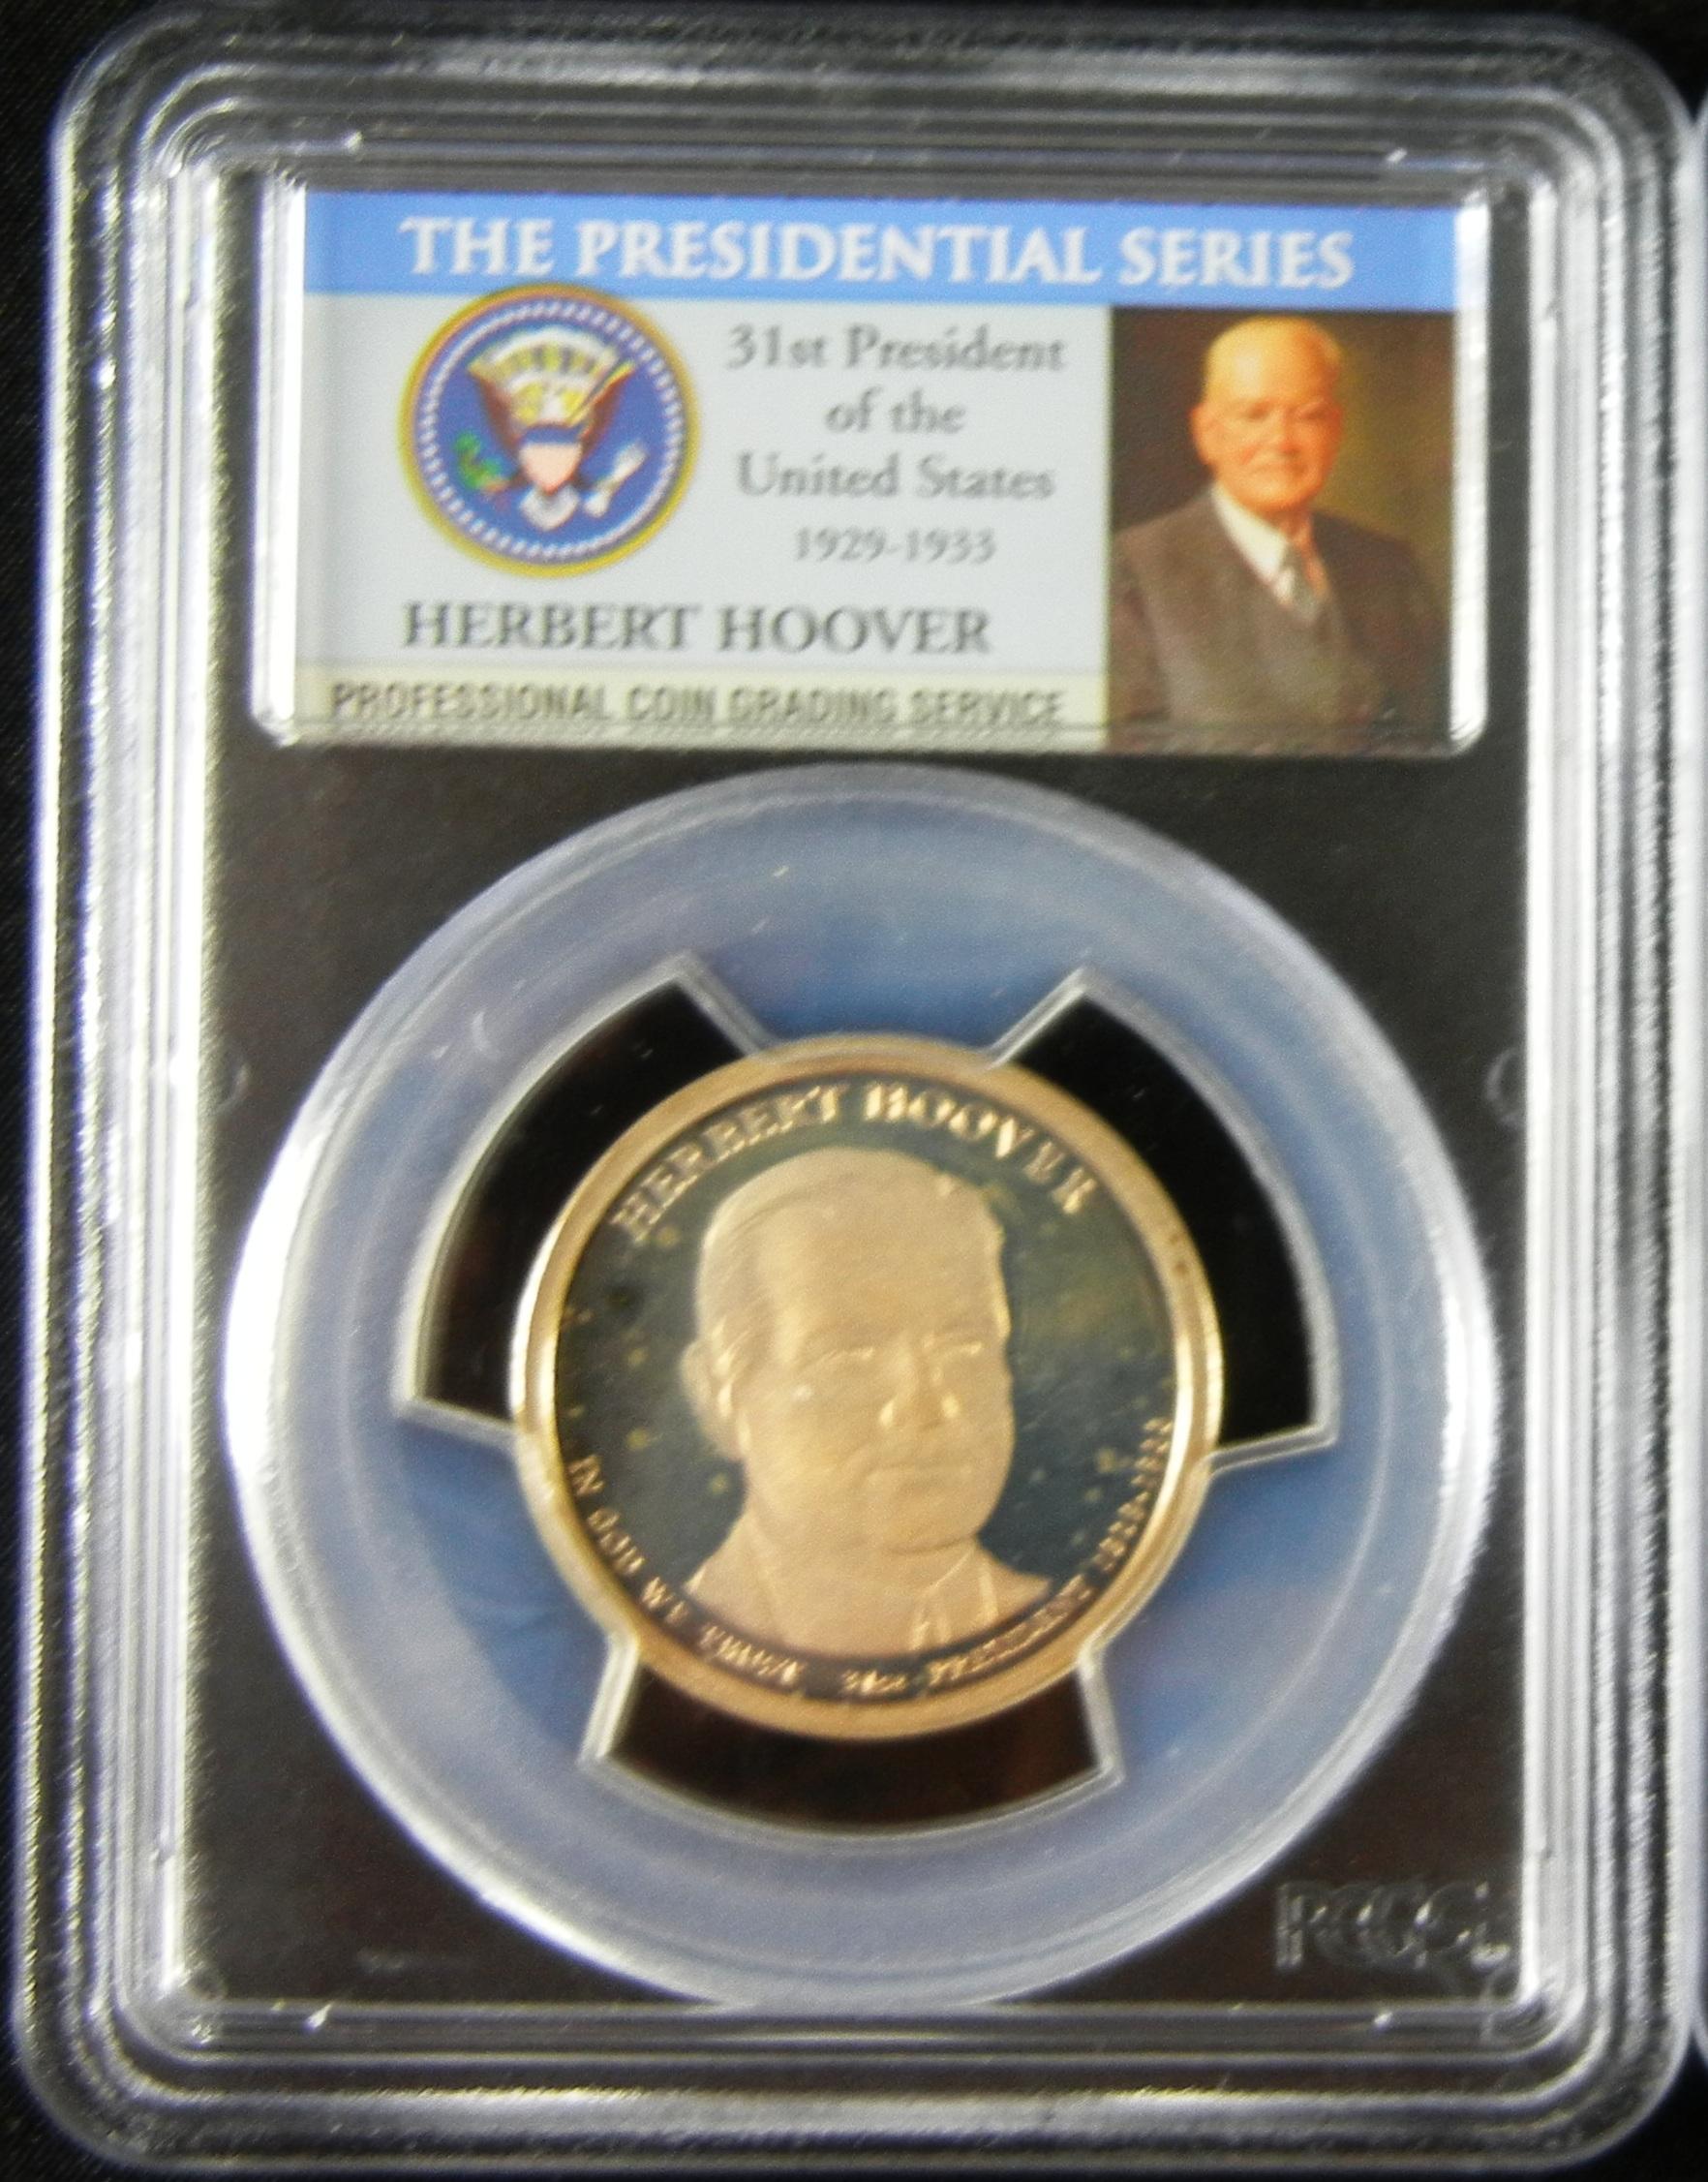 美國第31任總統Herbert Hoover一元精製硬幣-完美等級